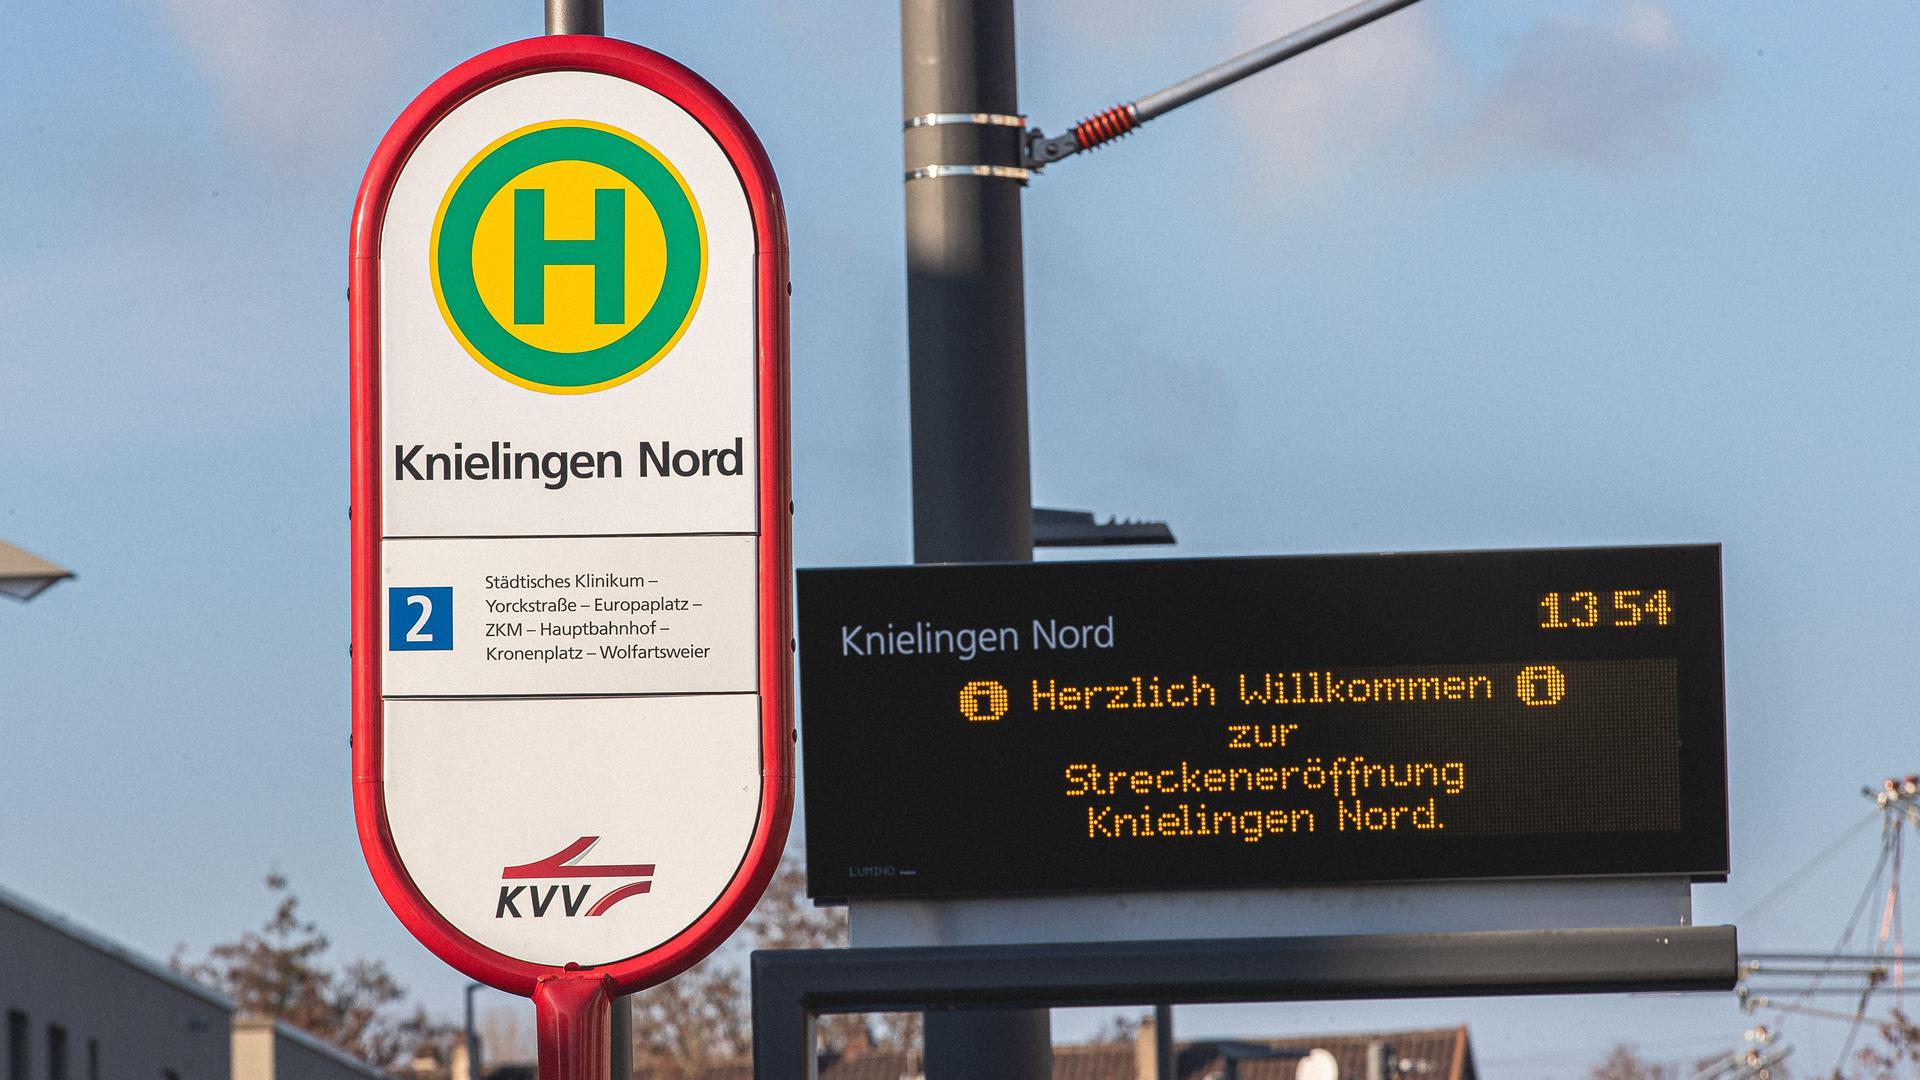 Der Anschluss beginnt und endet vor der Tür: Die Linie 2 fährt künftig bis nach Knielingen-Nord und bindet das dortige Neubaugebiet an das Tramnetz von Karlsruhe an.